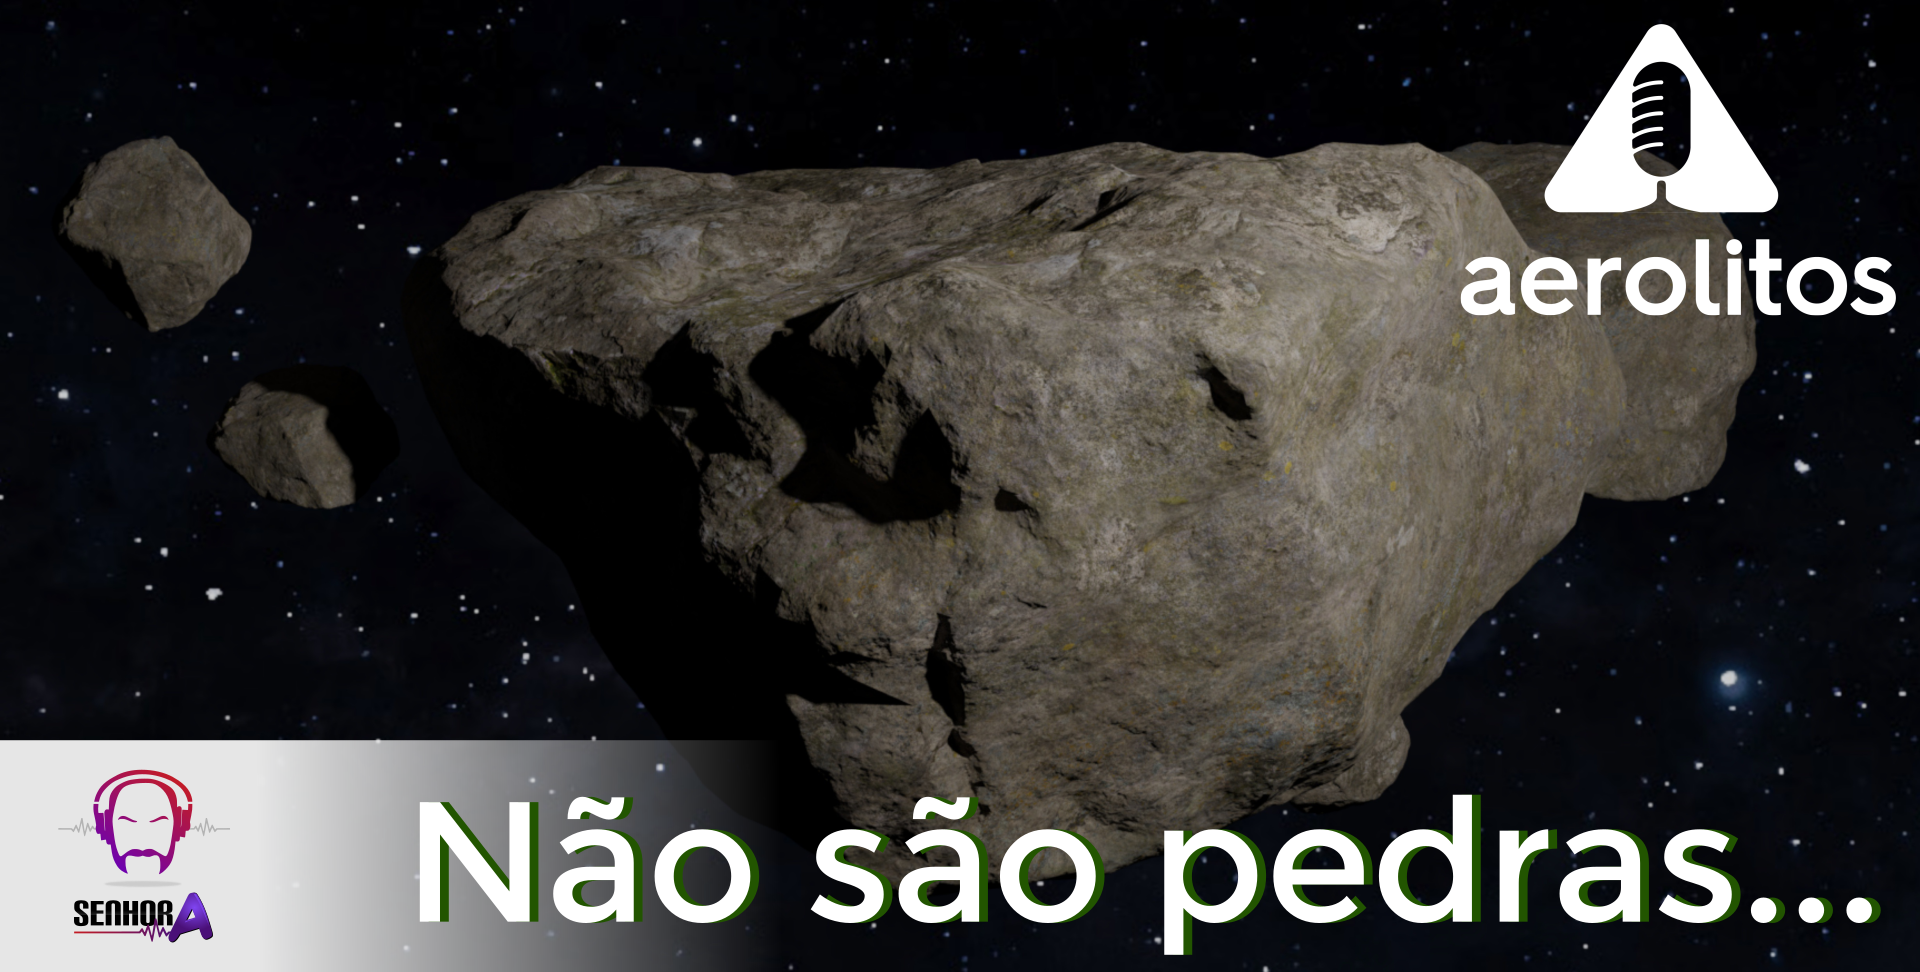 não são pedras